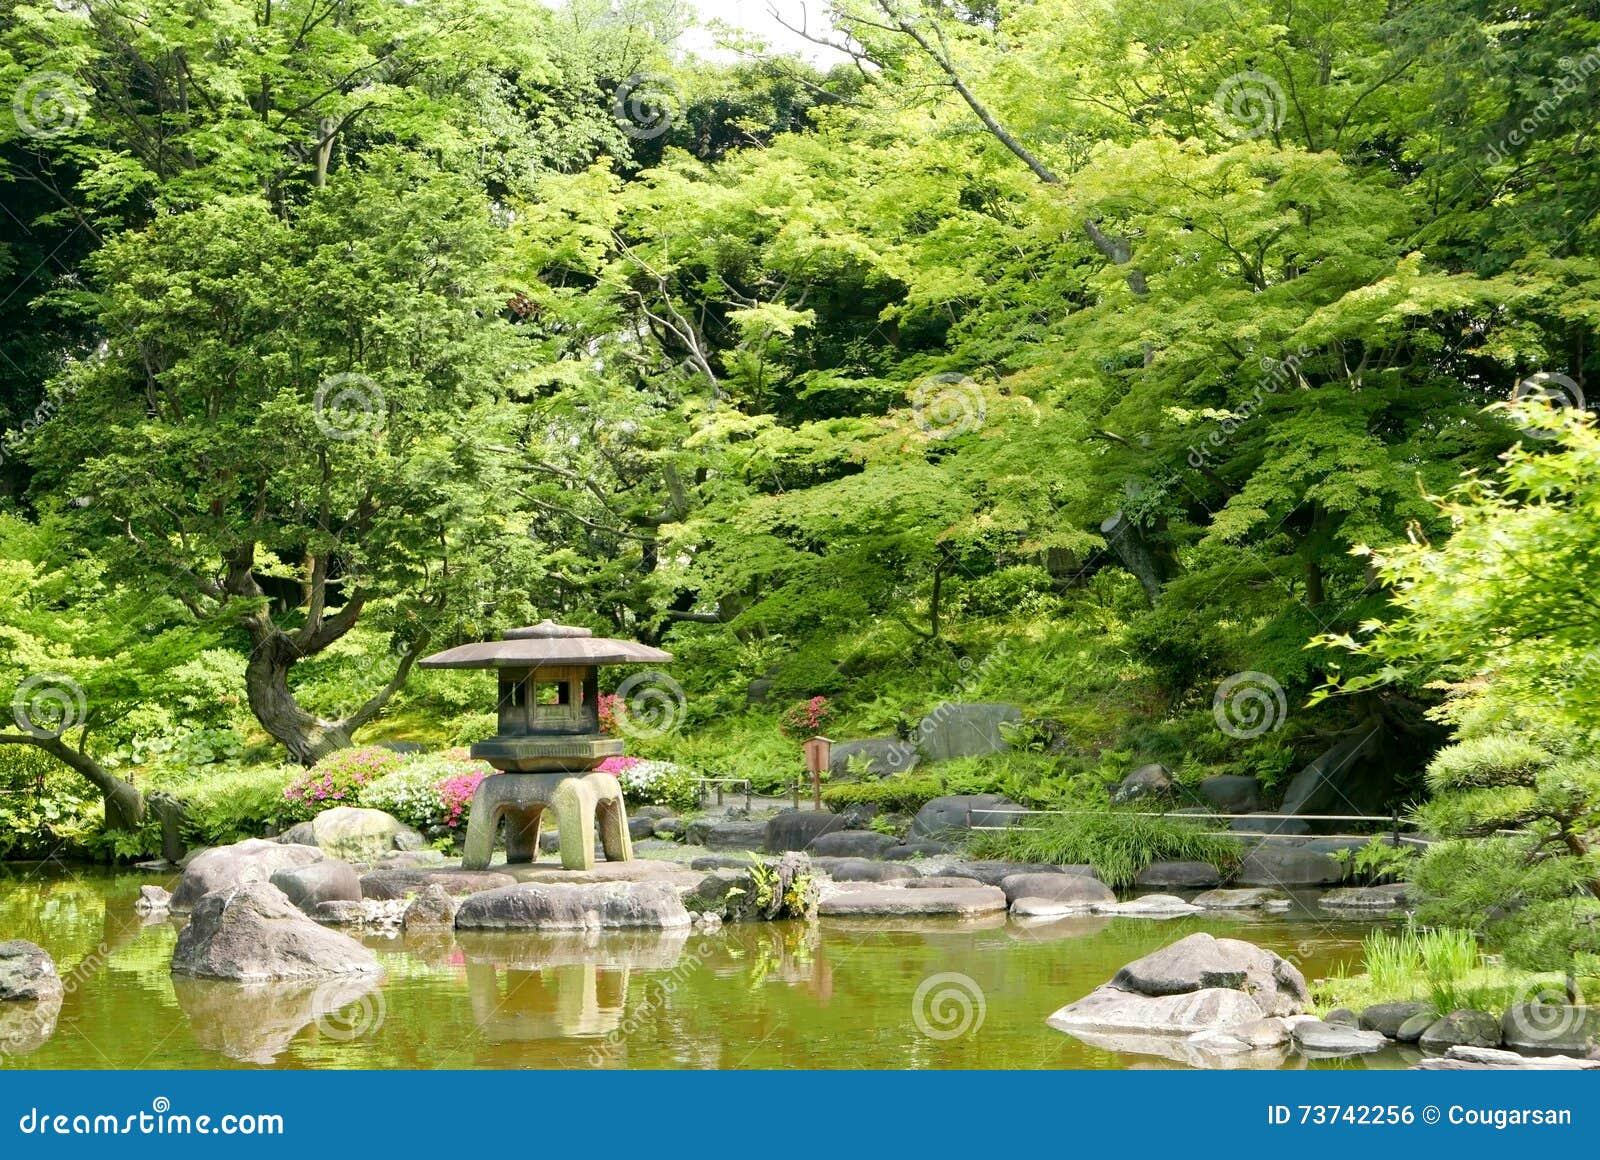 japanska växter utomhus